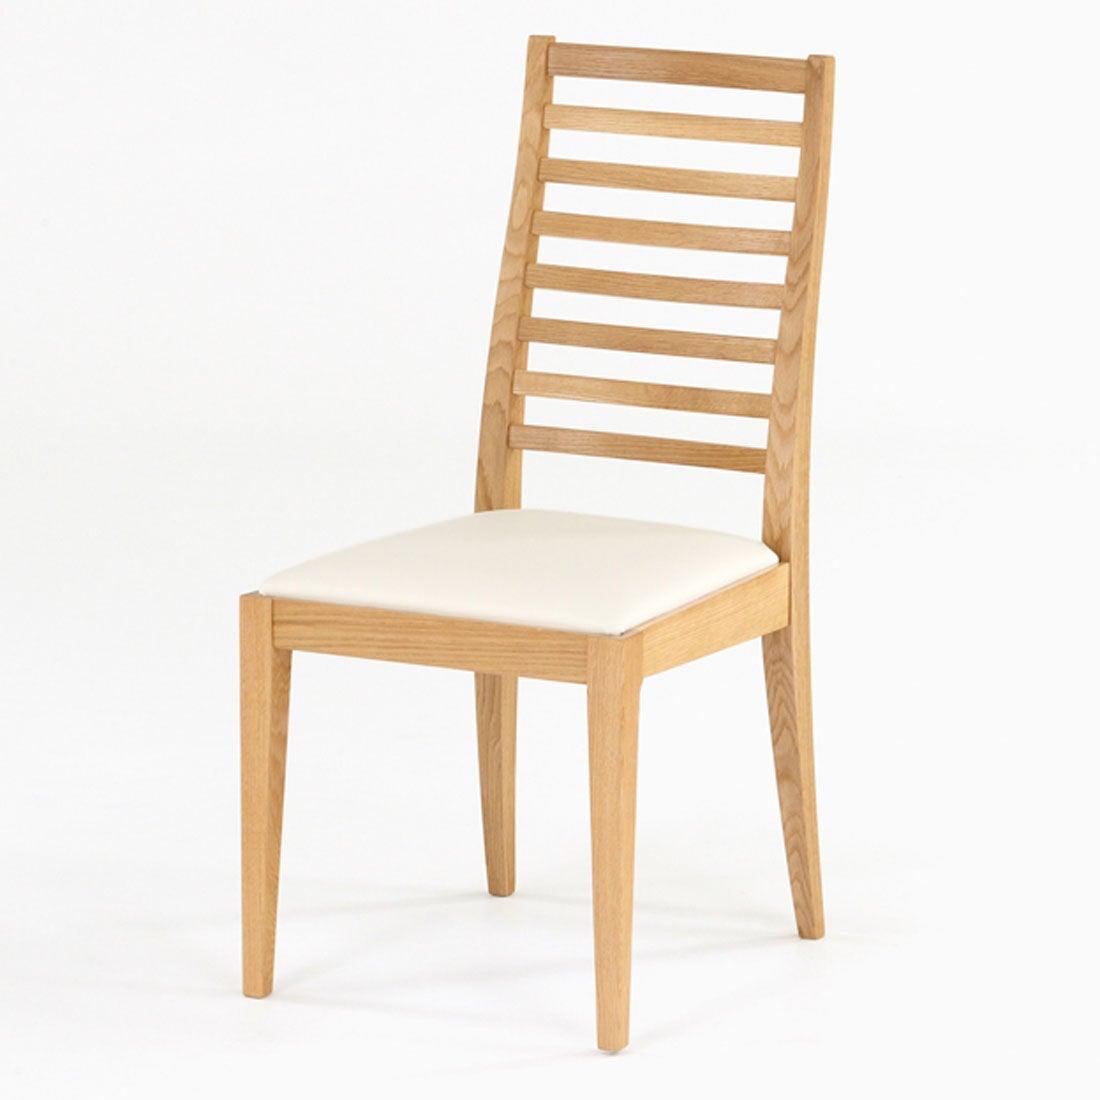 IDC OTSUKA/大塚家具 椅子 N005 #PVC/WOナラ アイボリー (ホワイトオーク)